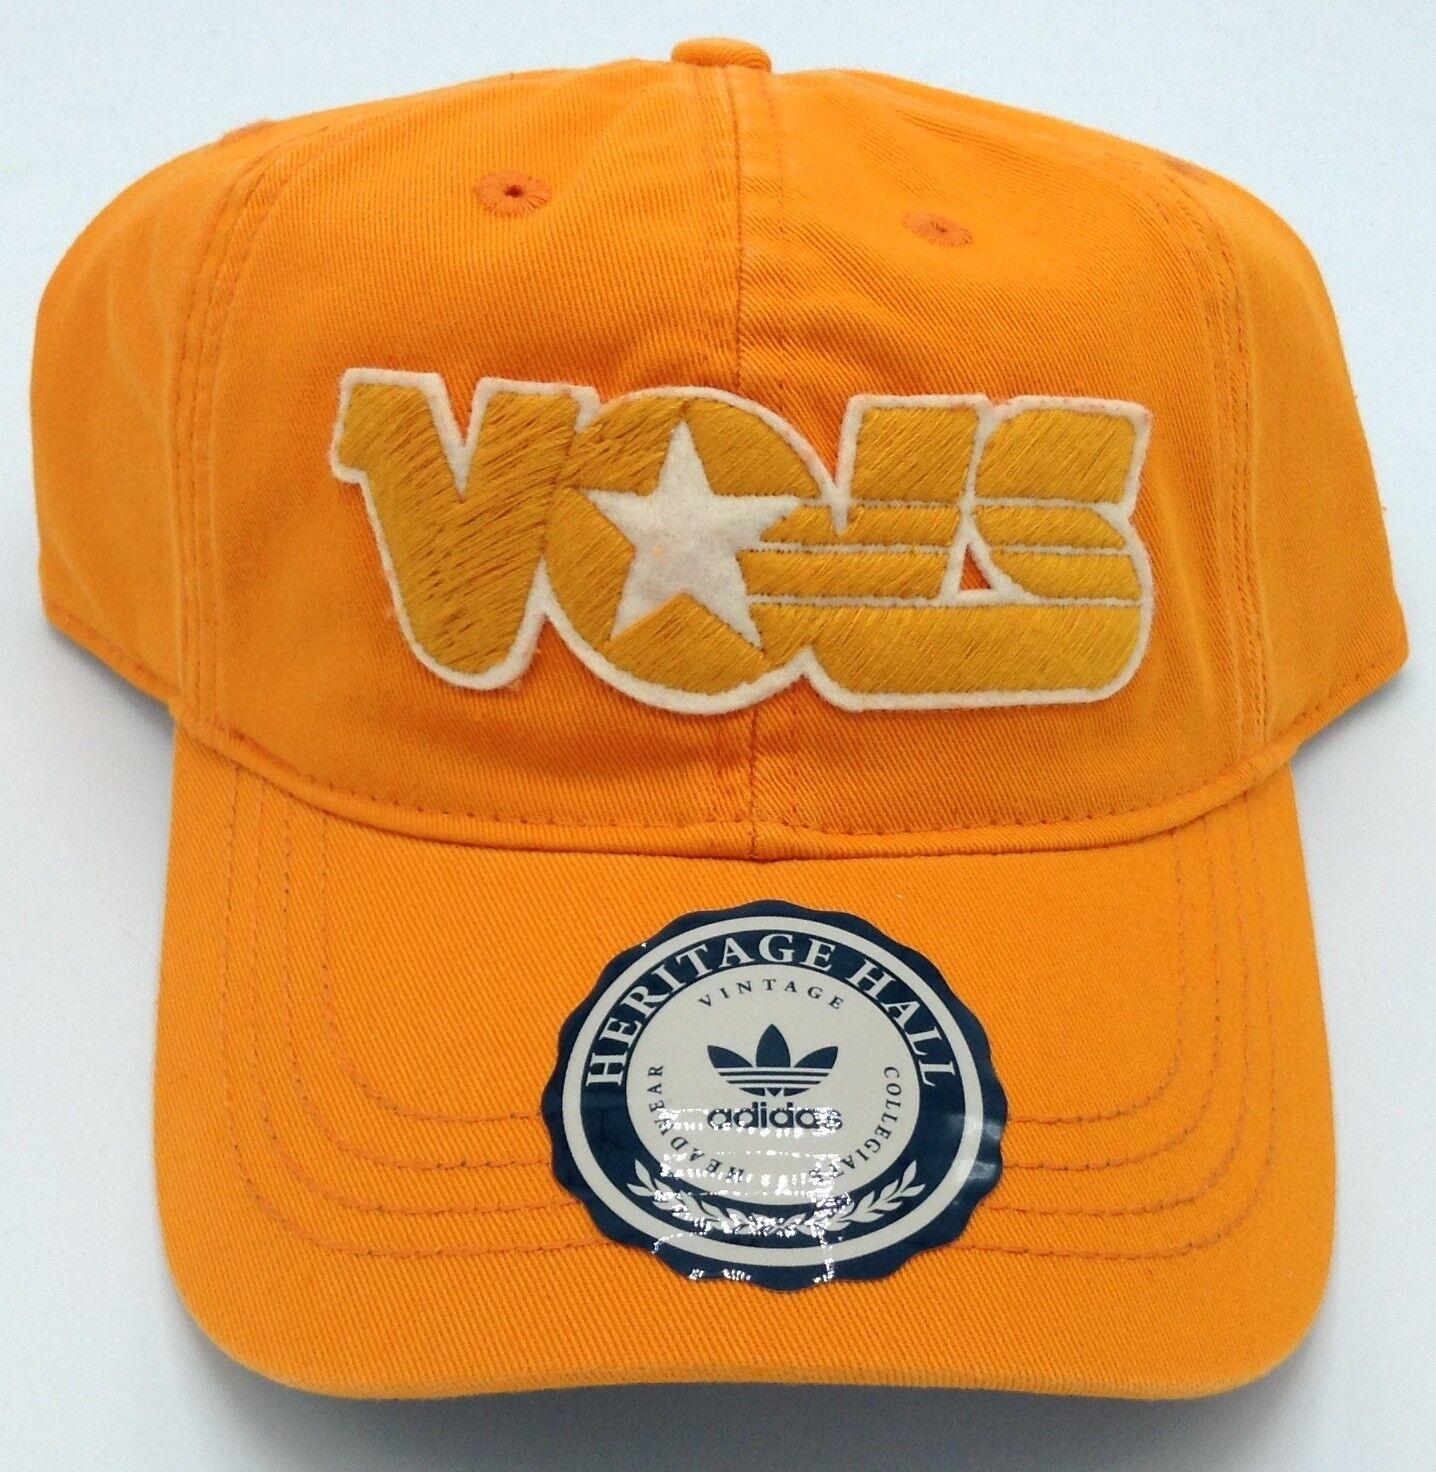 NCAA Tennesse Volunteers Adidas Vintage Cuero Broche Dorso Gorro Estilo  Eu71z